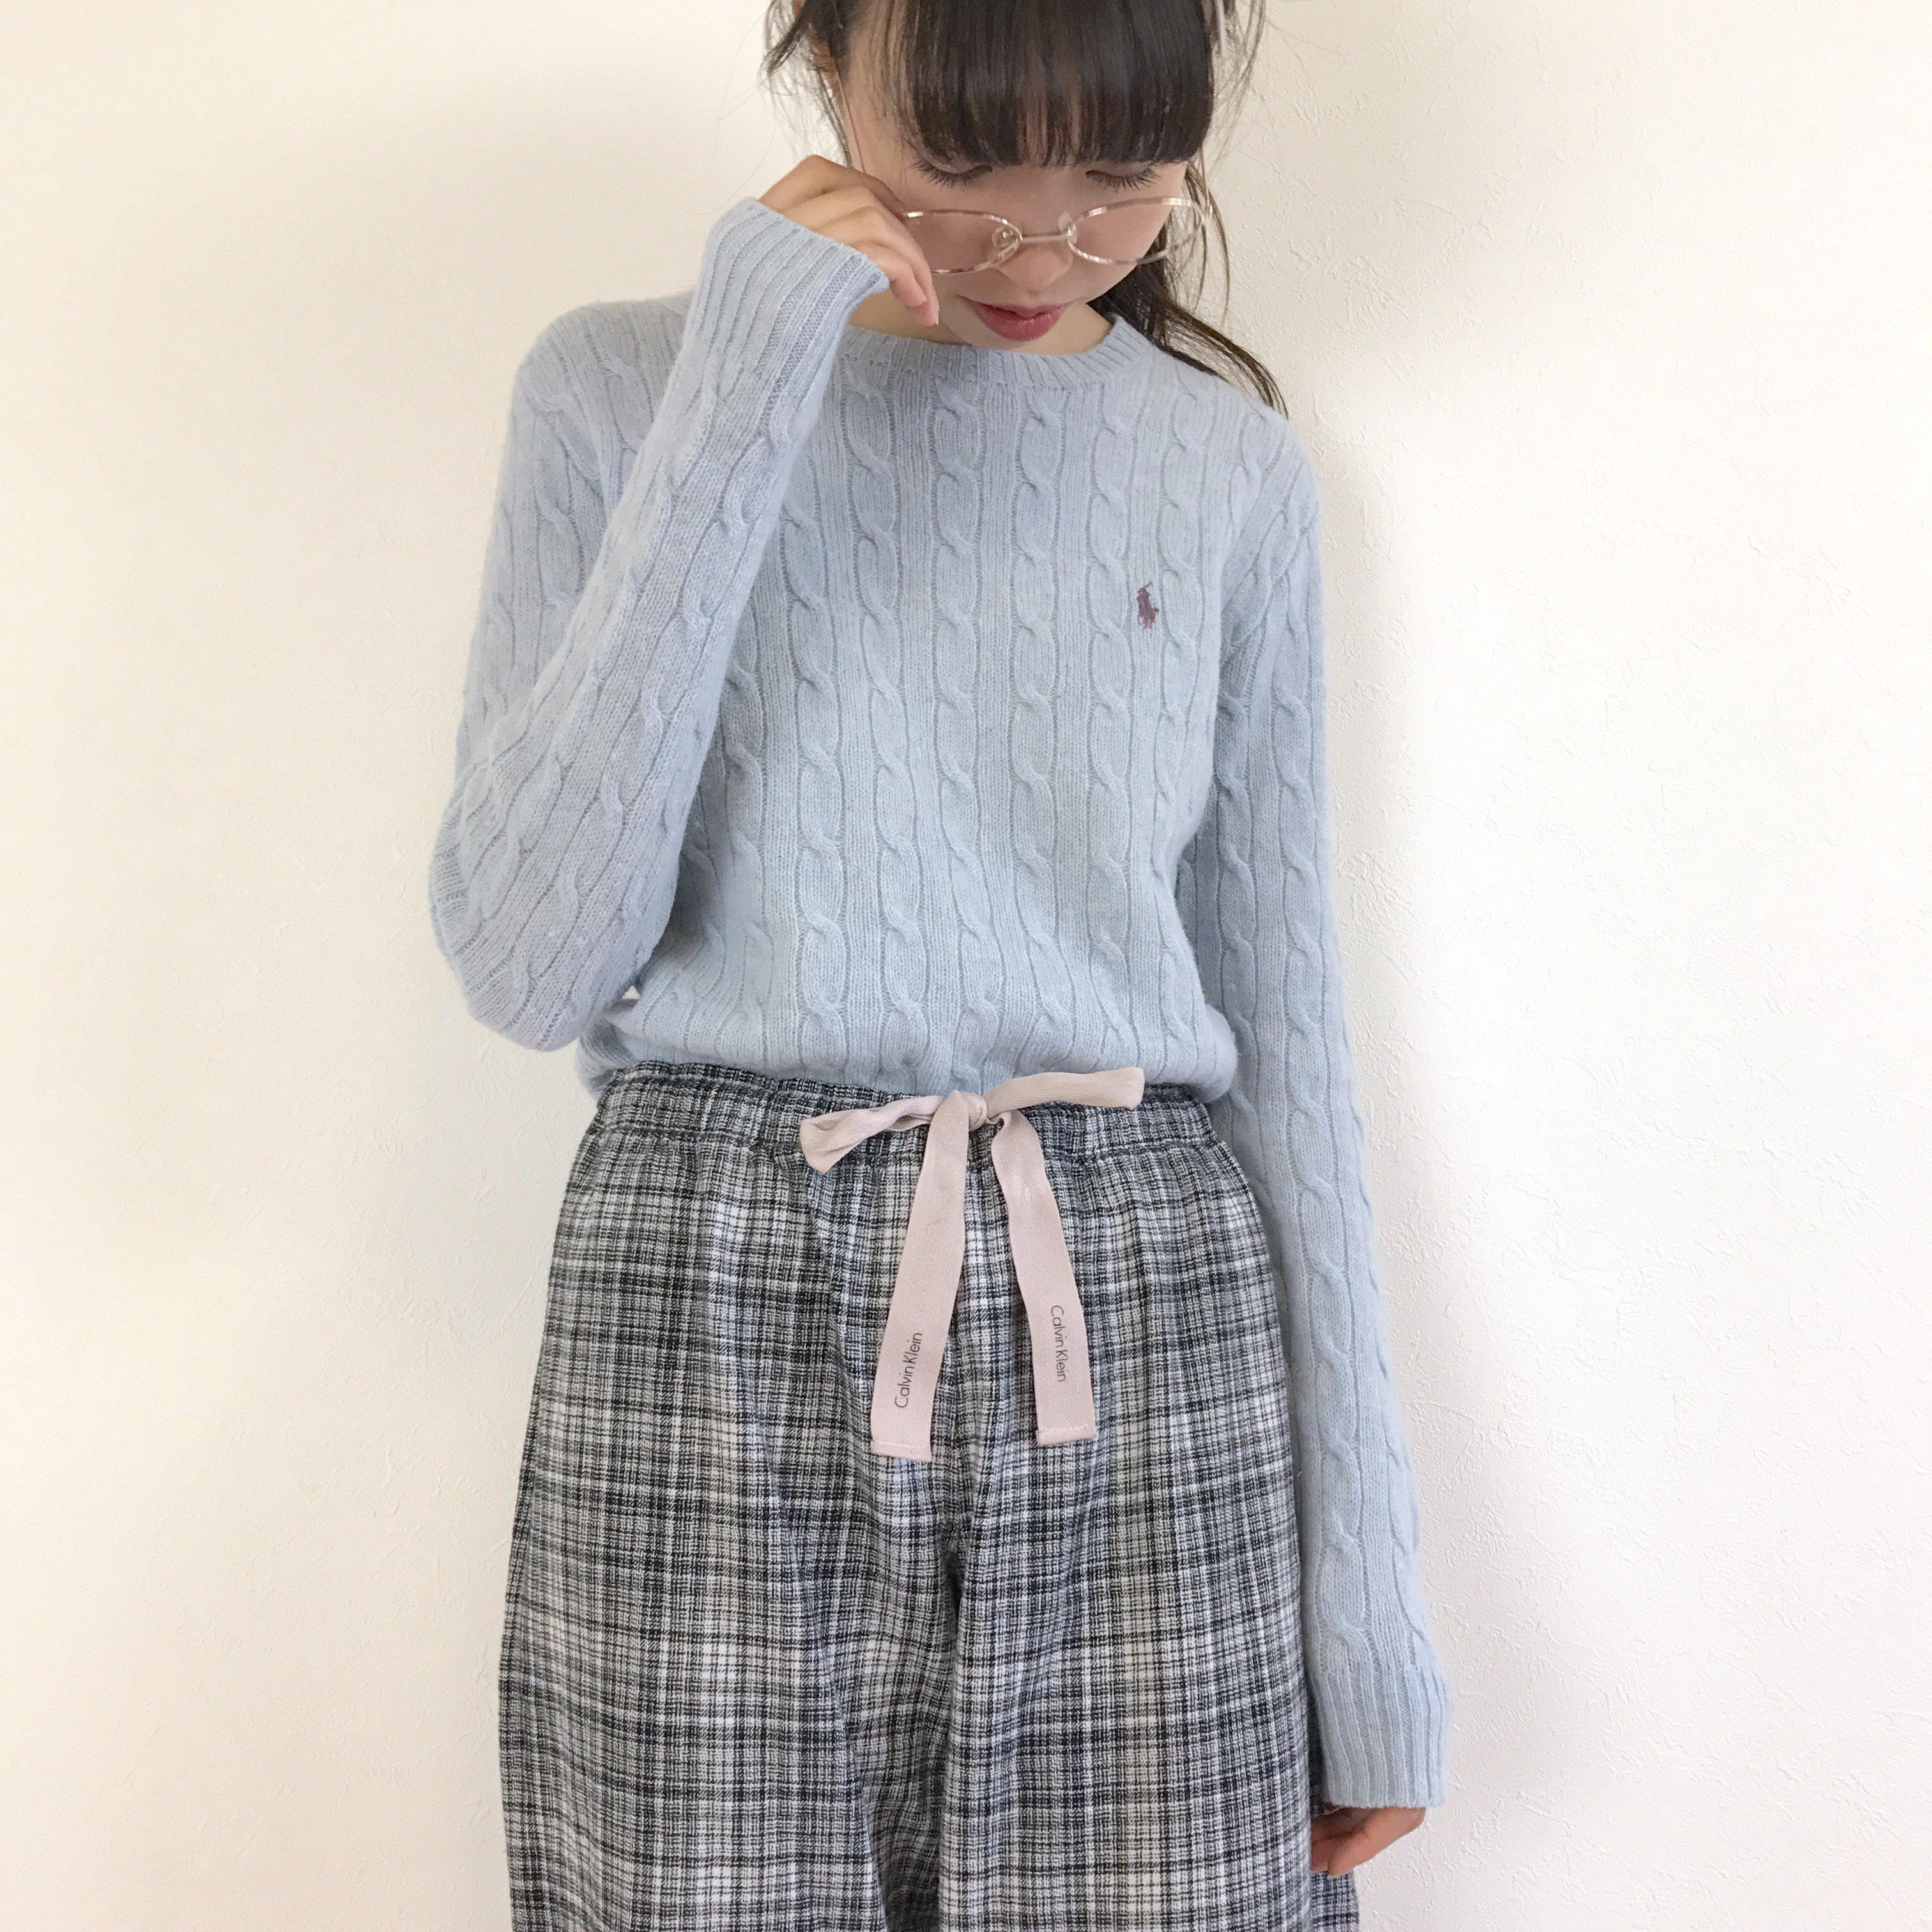 'RALPHL LAUREN SPORTS' pale blue cable knit